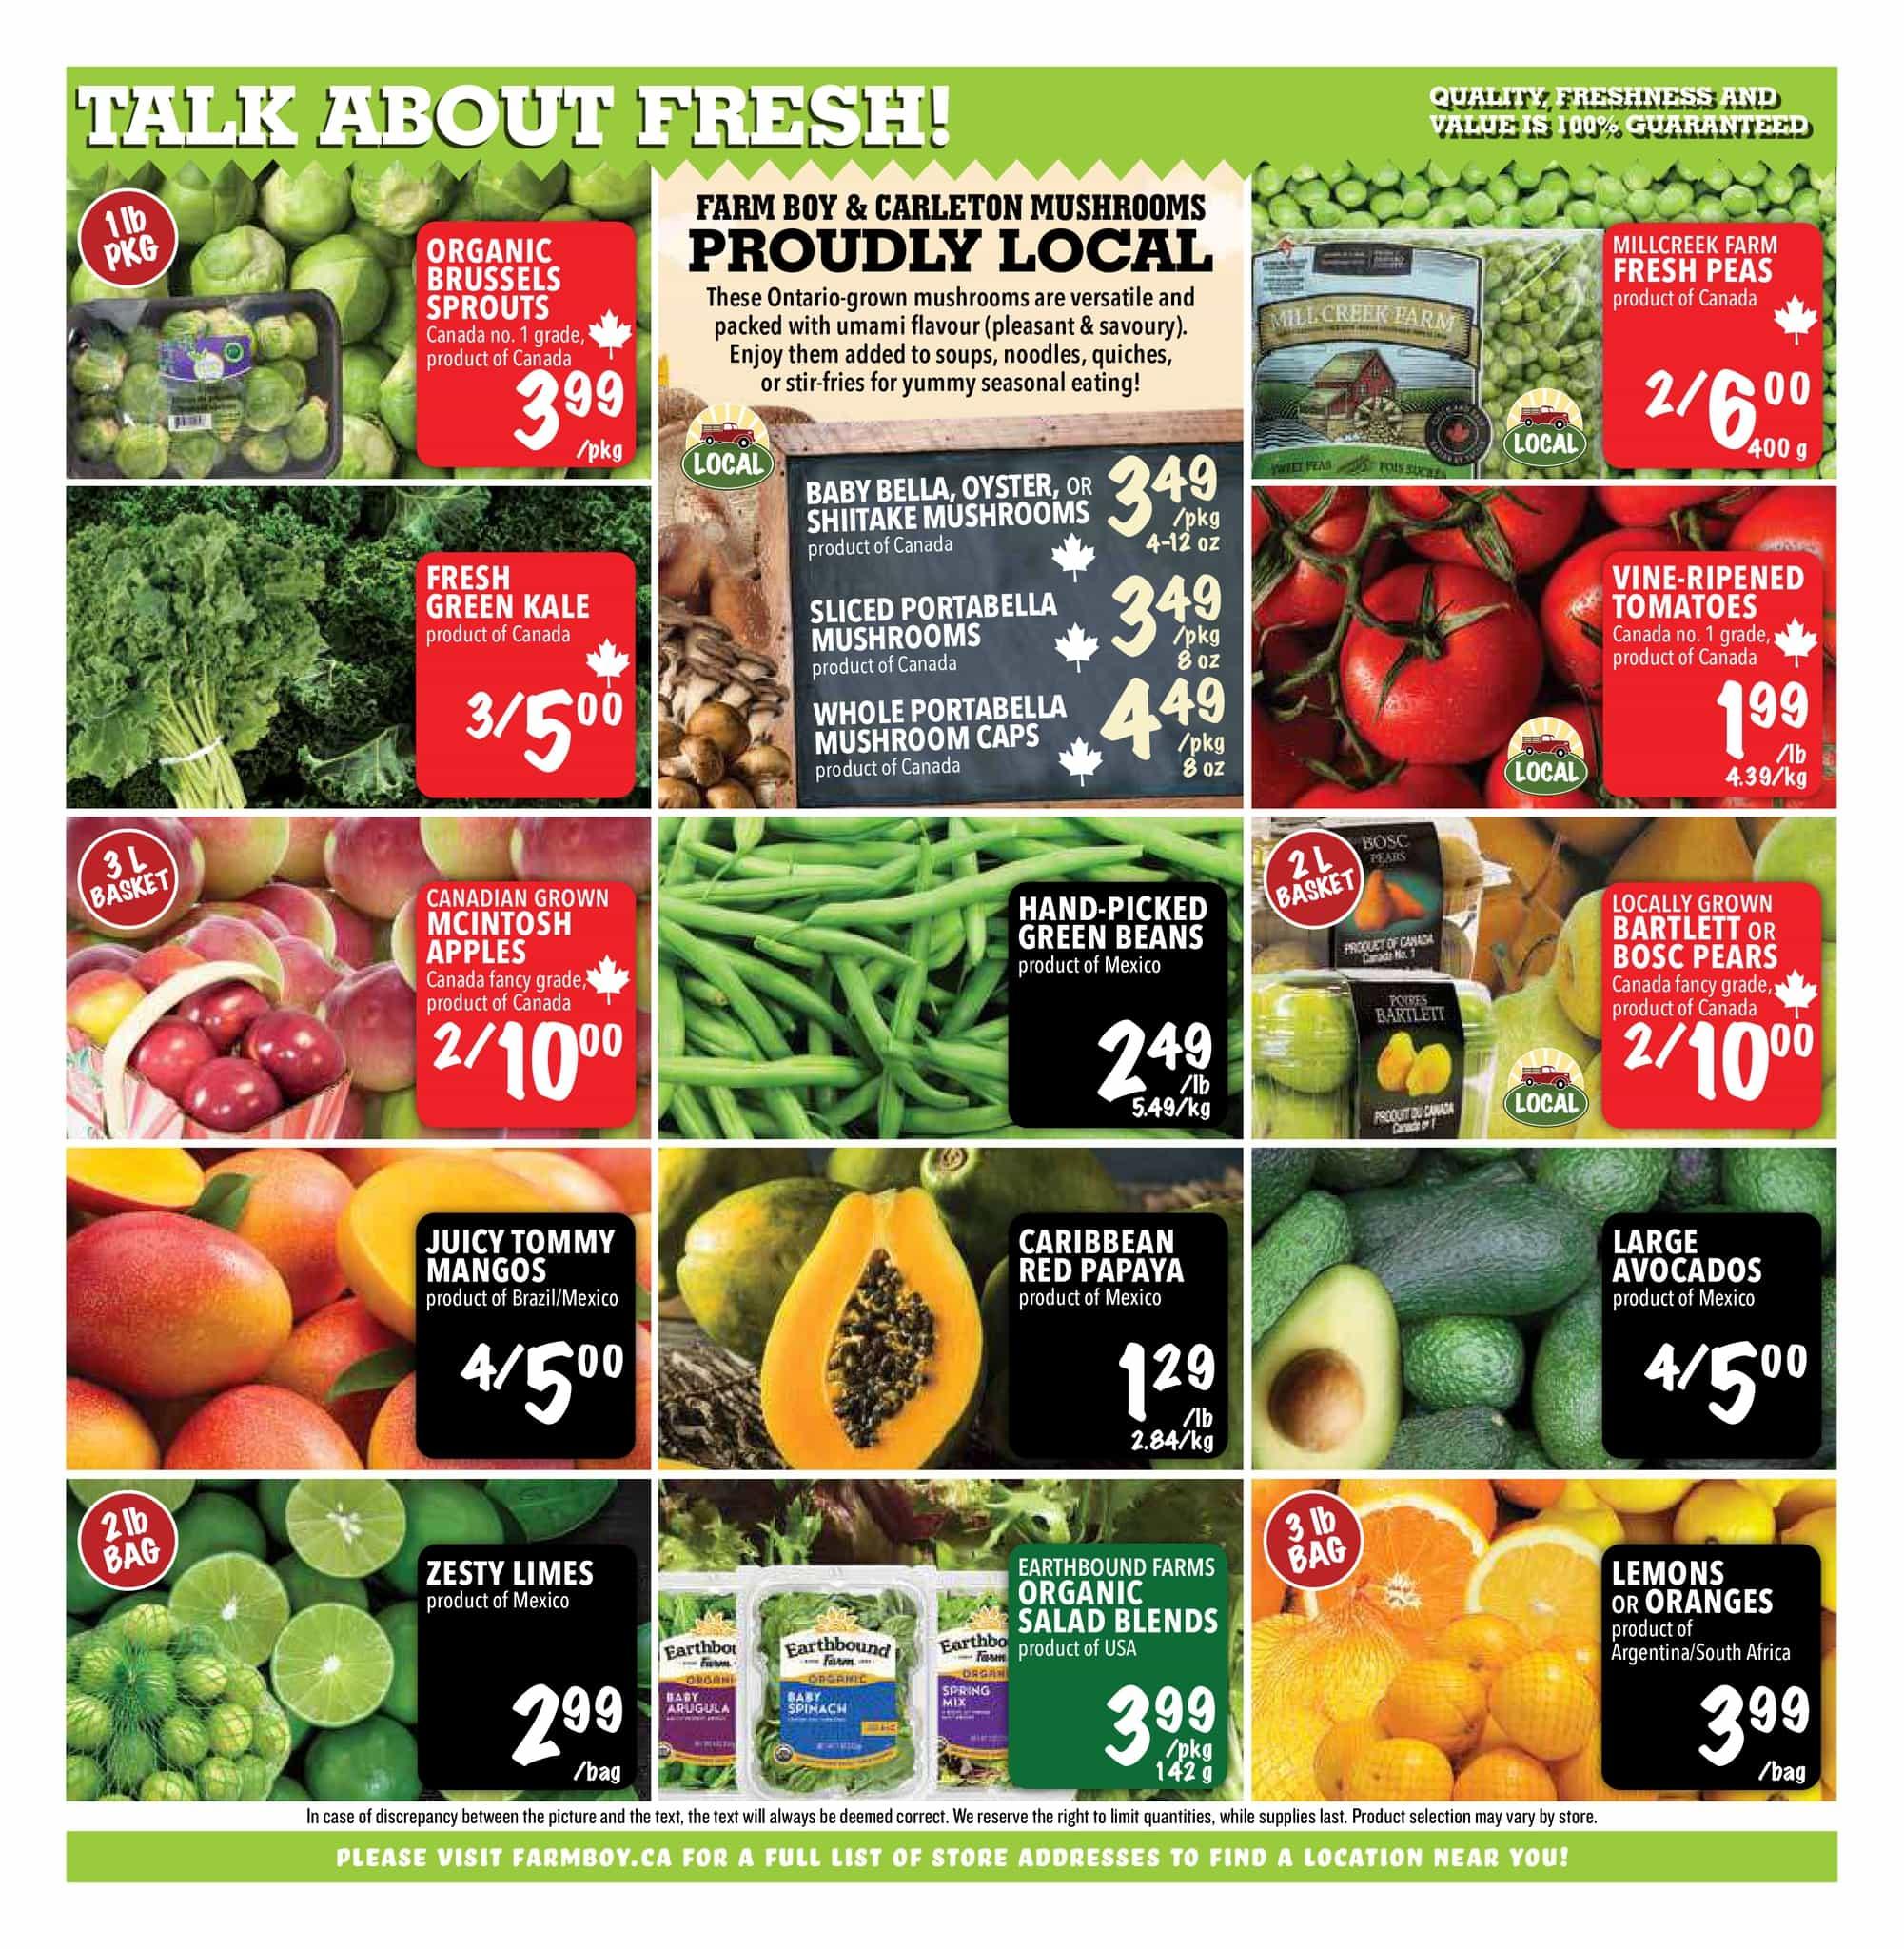 Farm Boy - Weekly Flyer Specials - Page 6